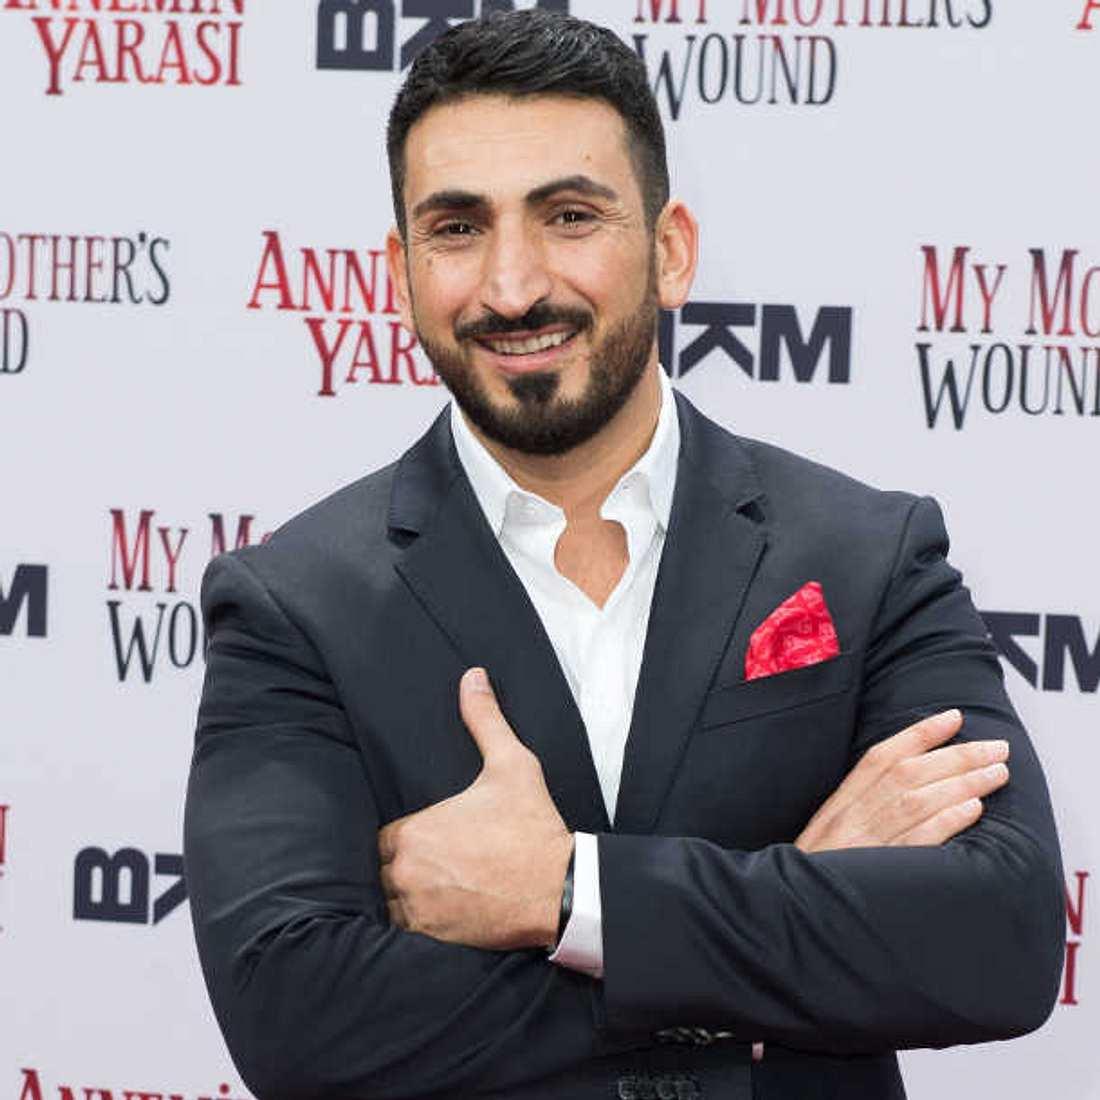 GZSZ-Star Mustafa Alin mitkrebskrankem Model auf der Fashion Week!